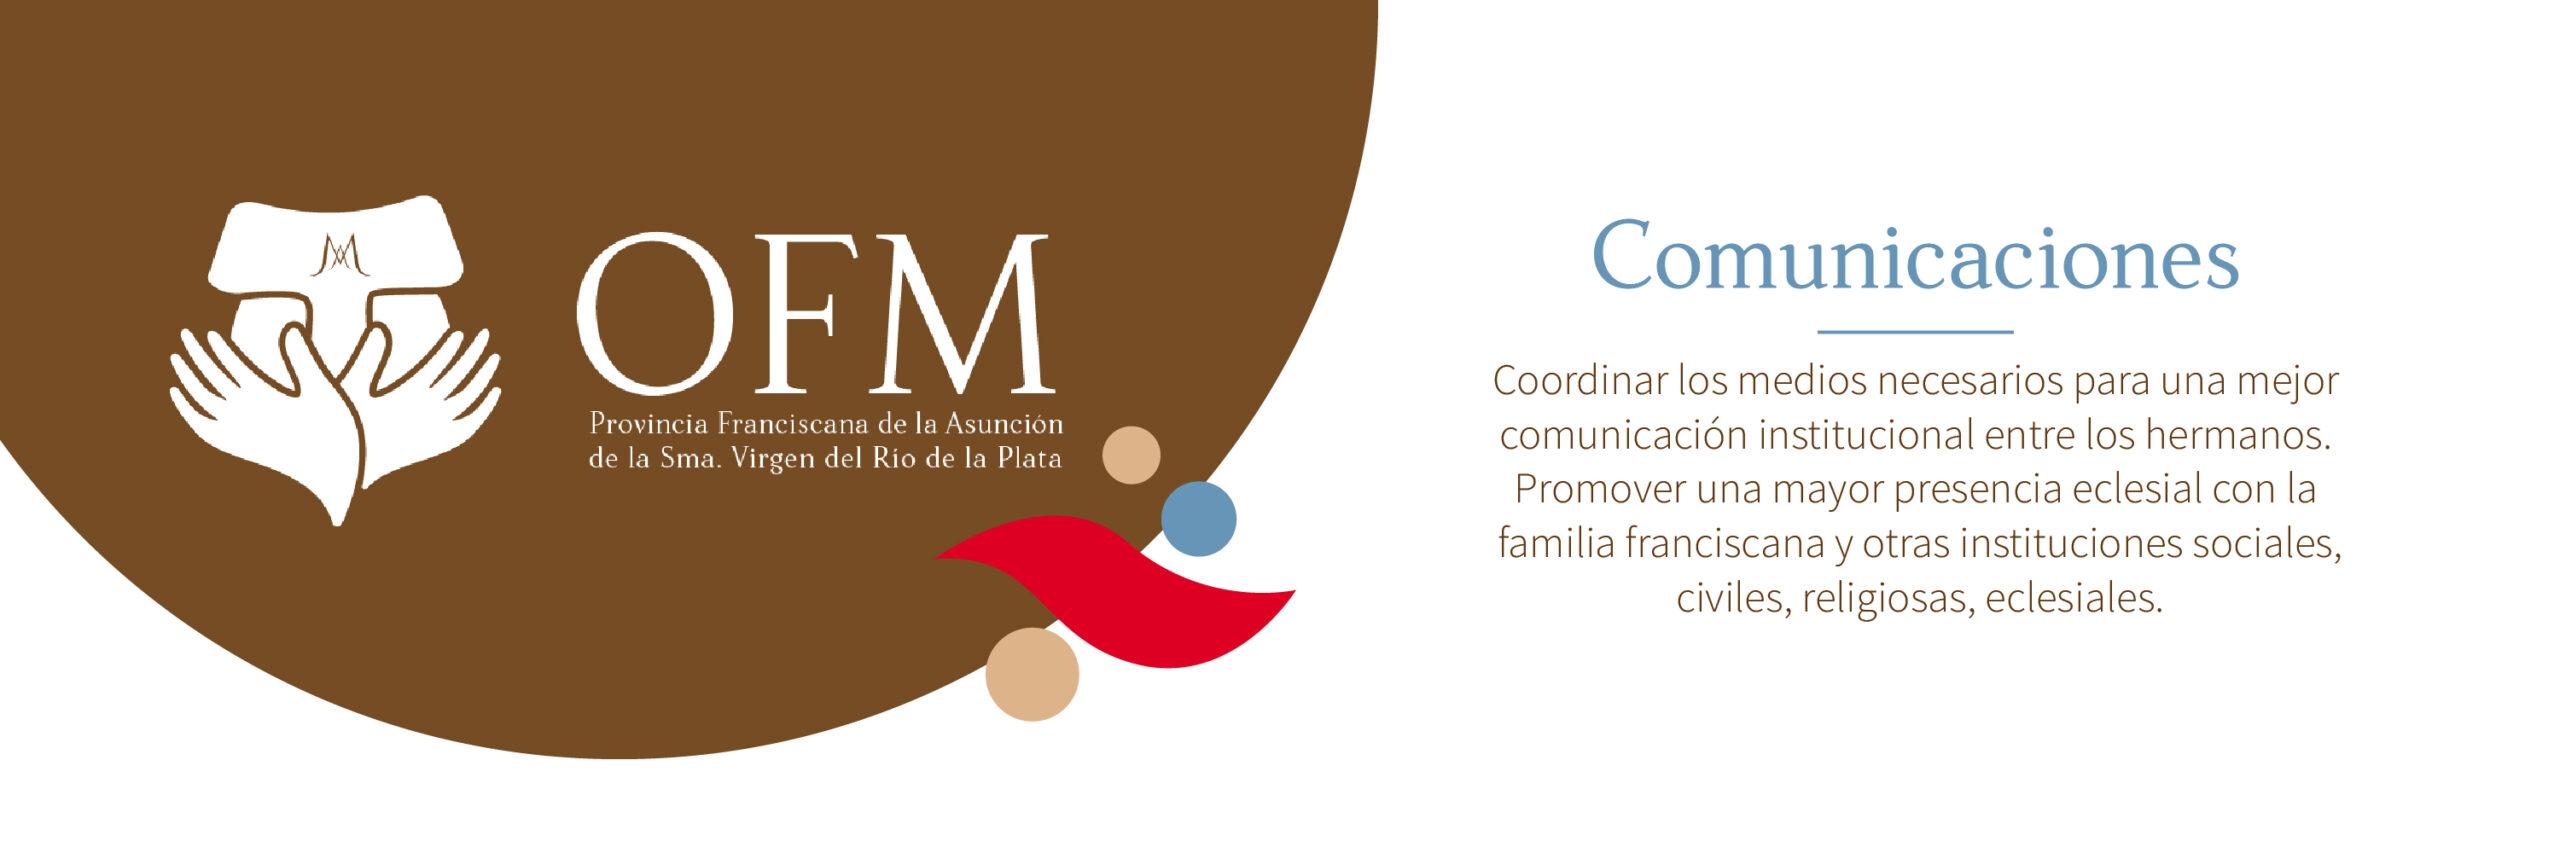 Comunicaciones-OFM